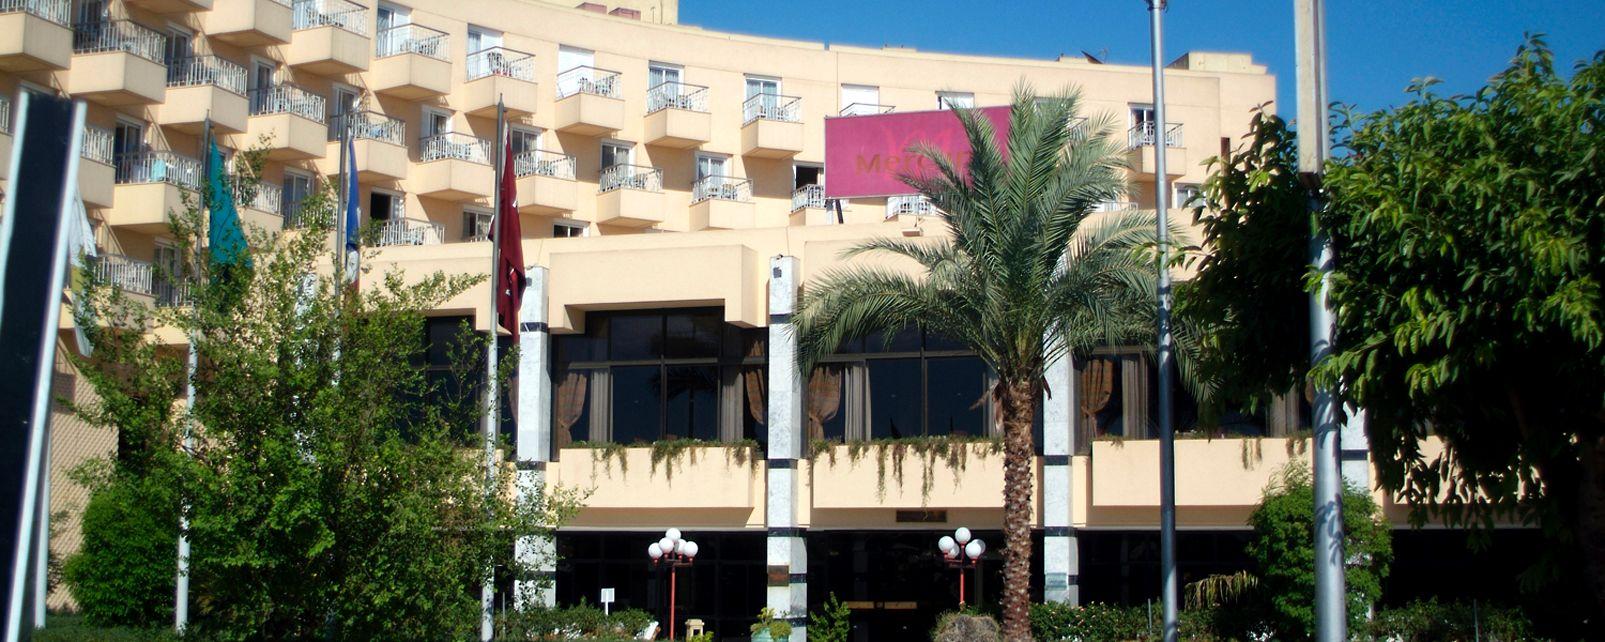 Hotel El Louxor